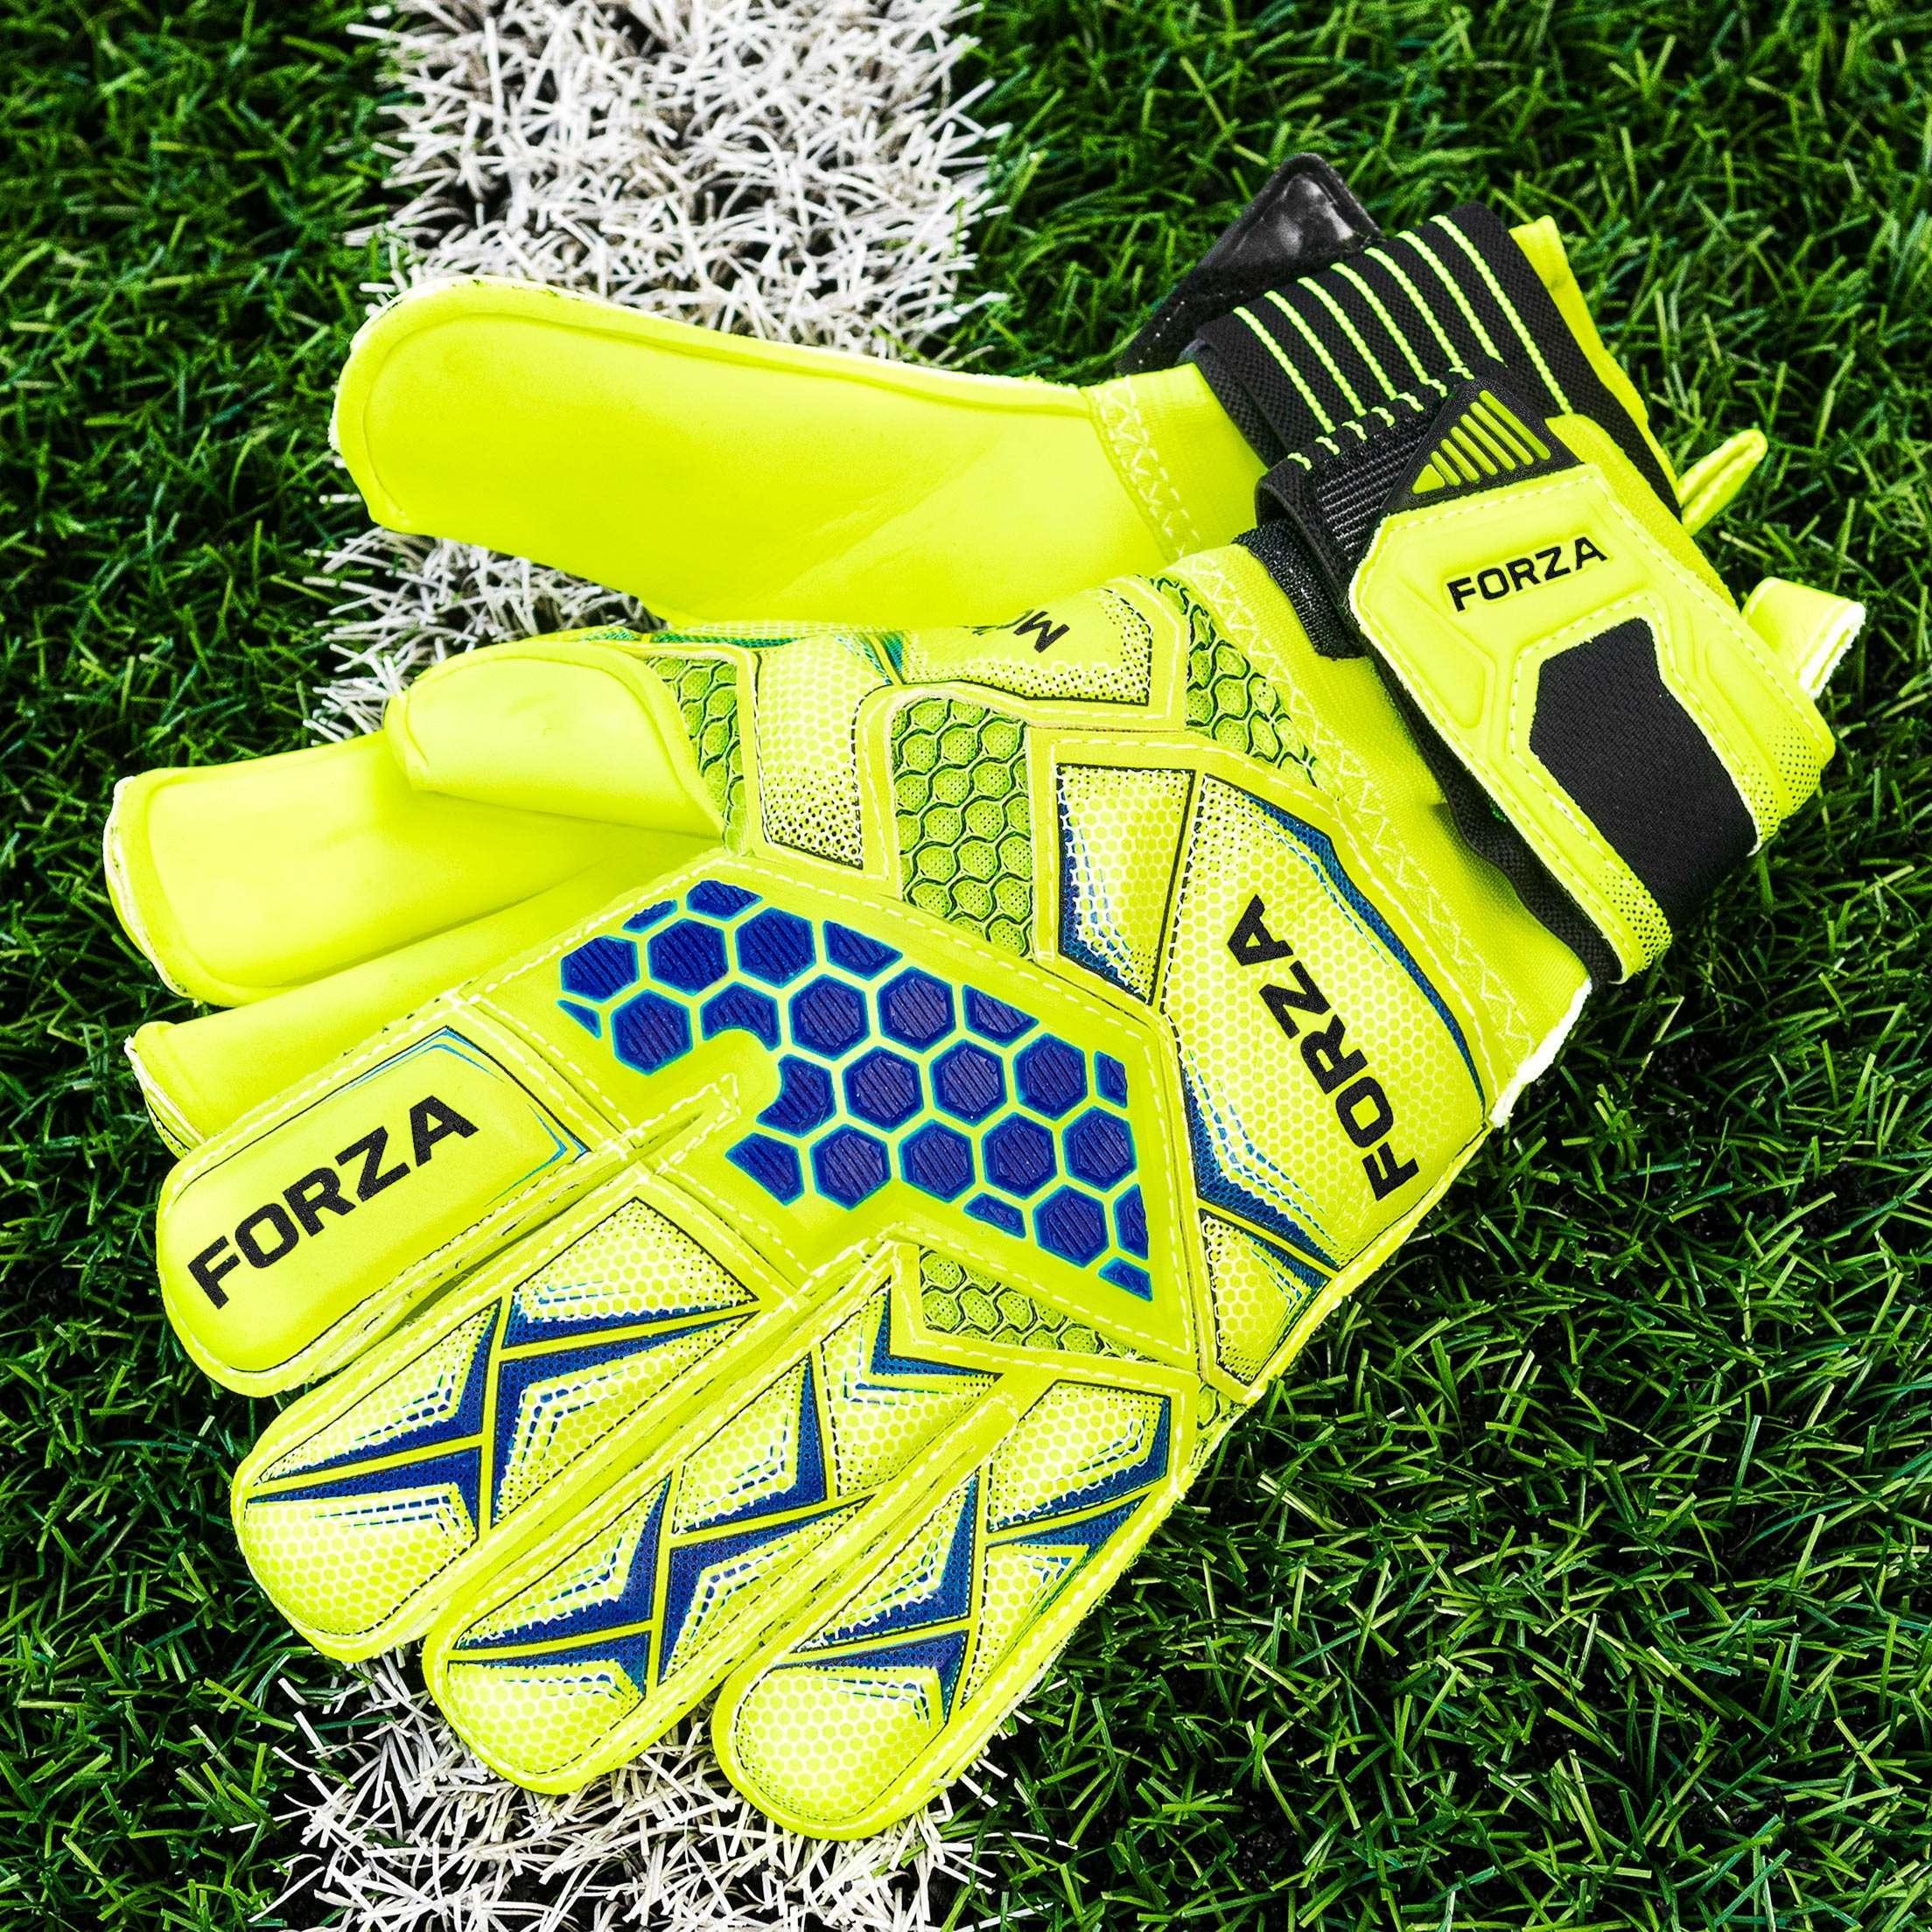 FORZA Mondo Goalkeeper Gloves-Size 7